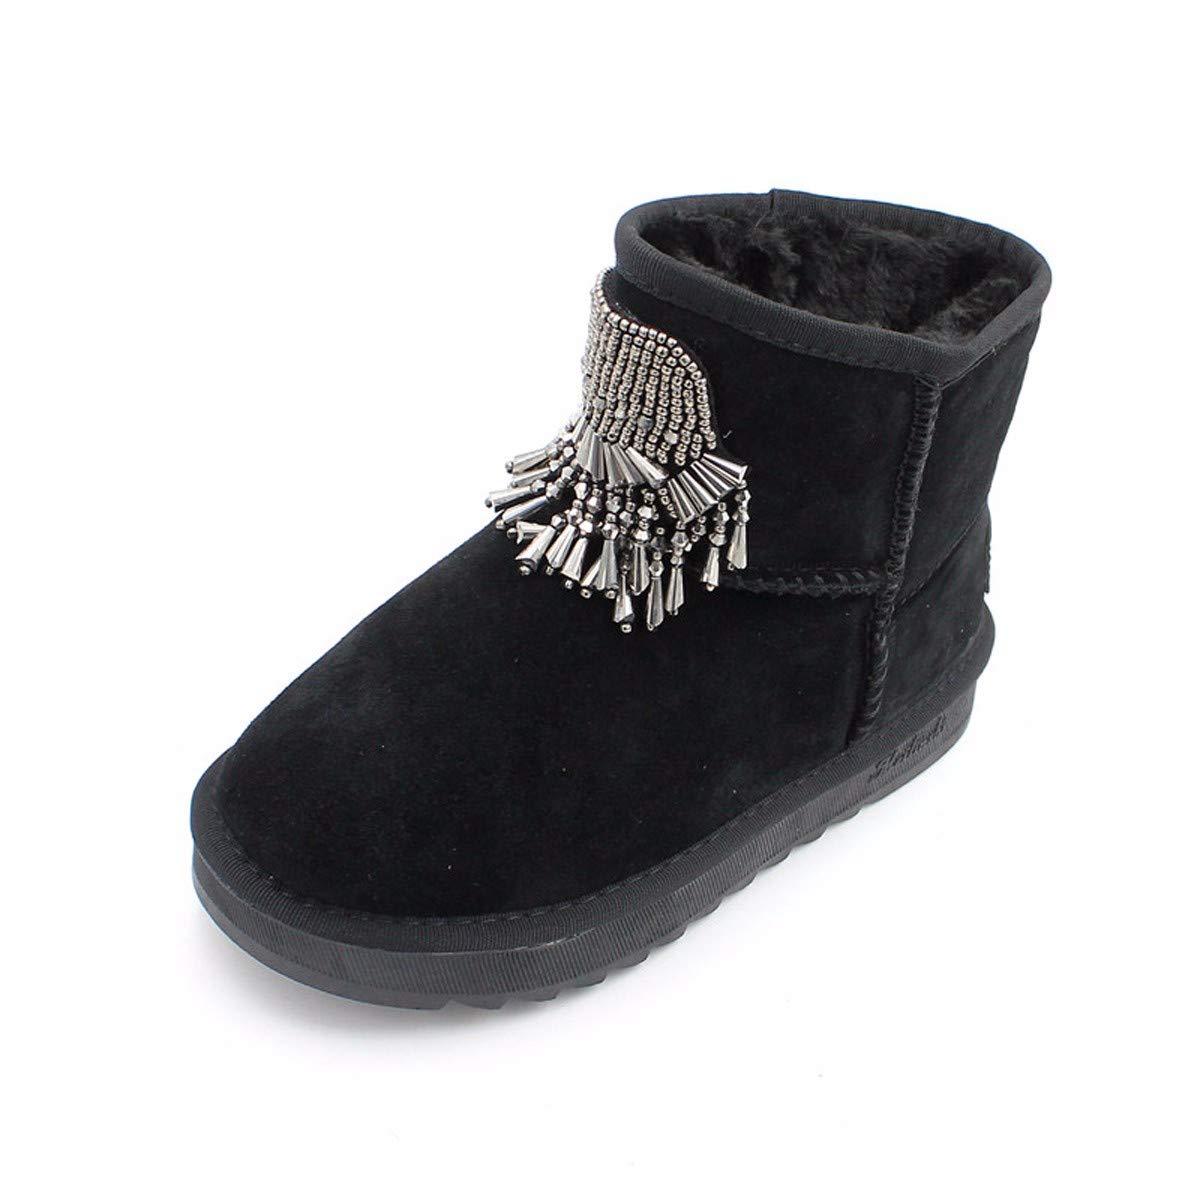 LBTSQ Fashion Damenschuhe Perlen Quasten Heel 2Cm Stiefeln Boden Leder Runden Kopf Flachen Boden Samt Winter Stiefel